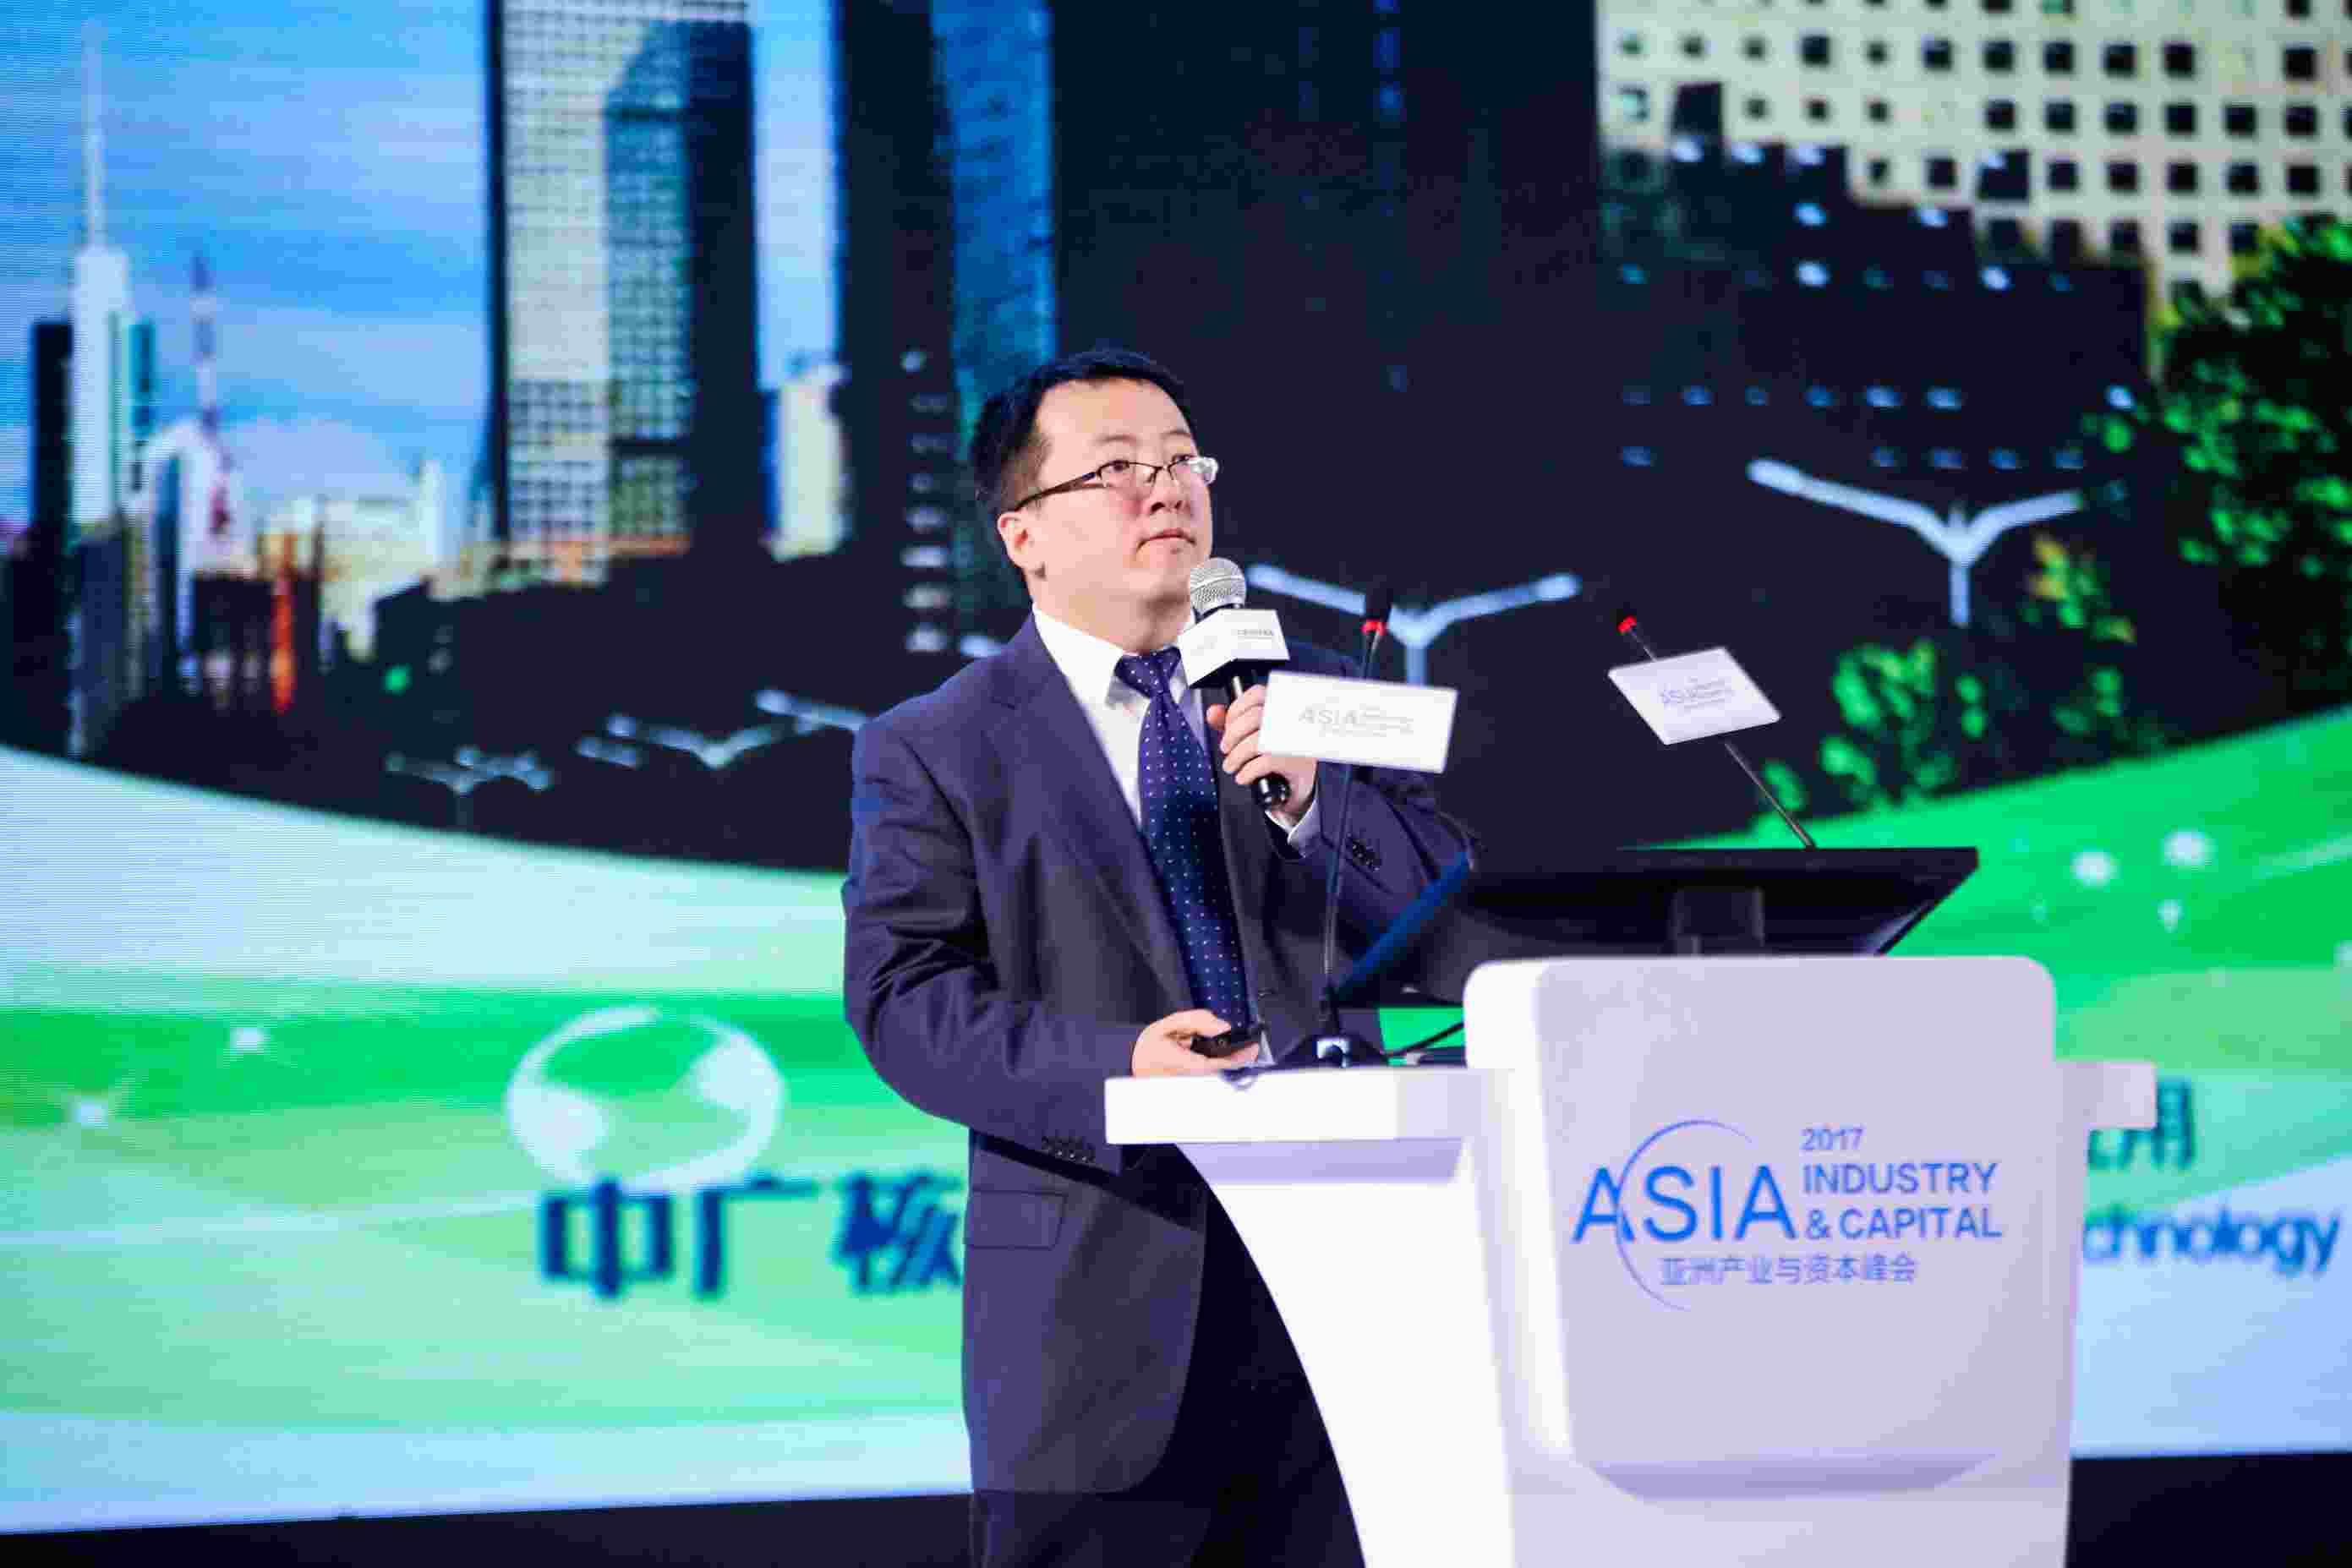 中广核技董事长张剑锋:公司实现快速增长的核心是跨界